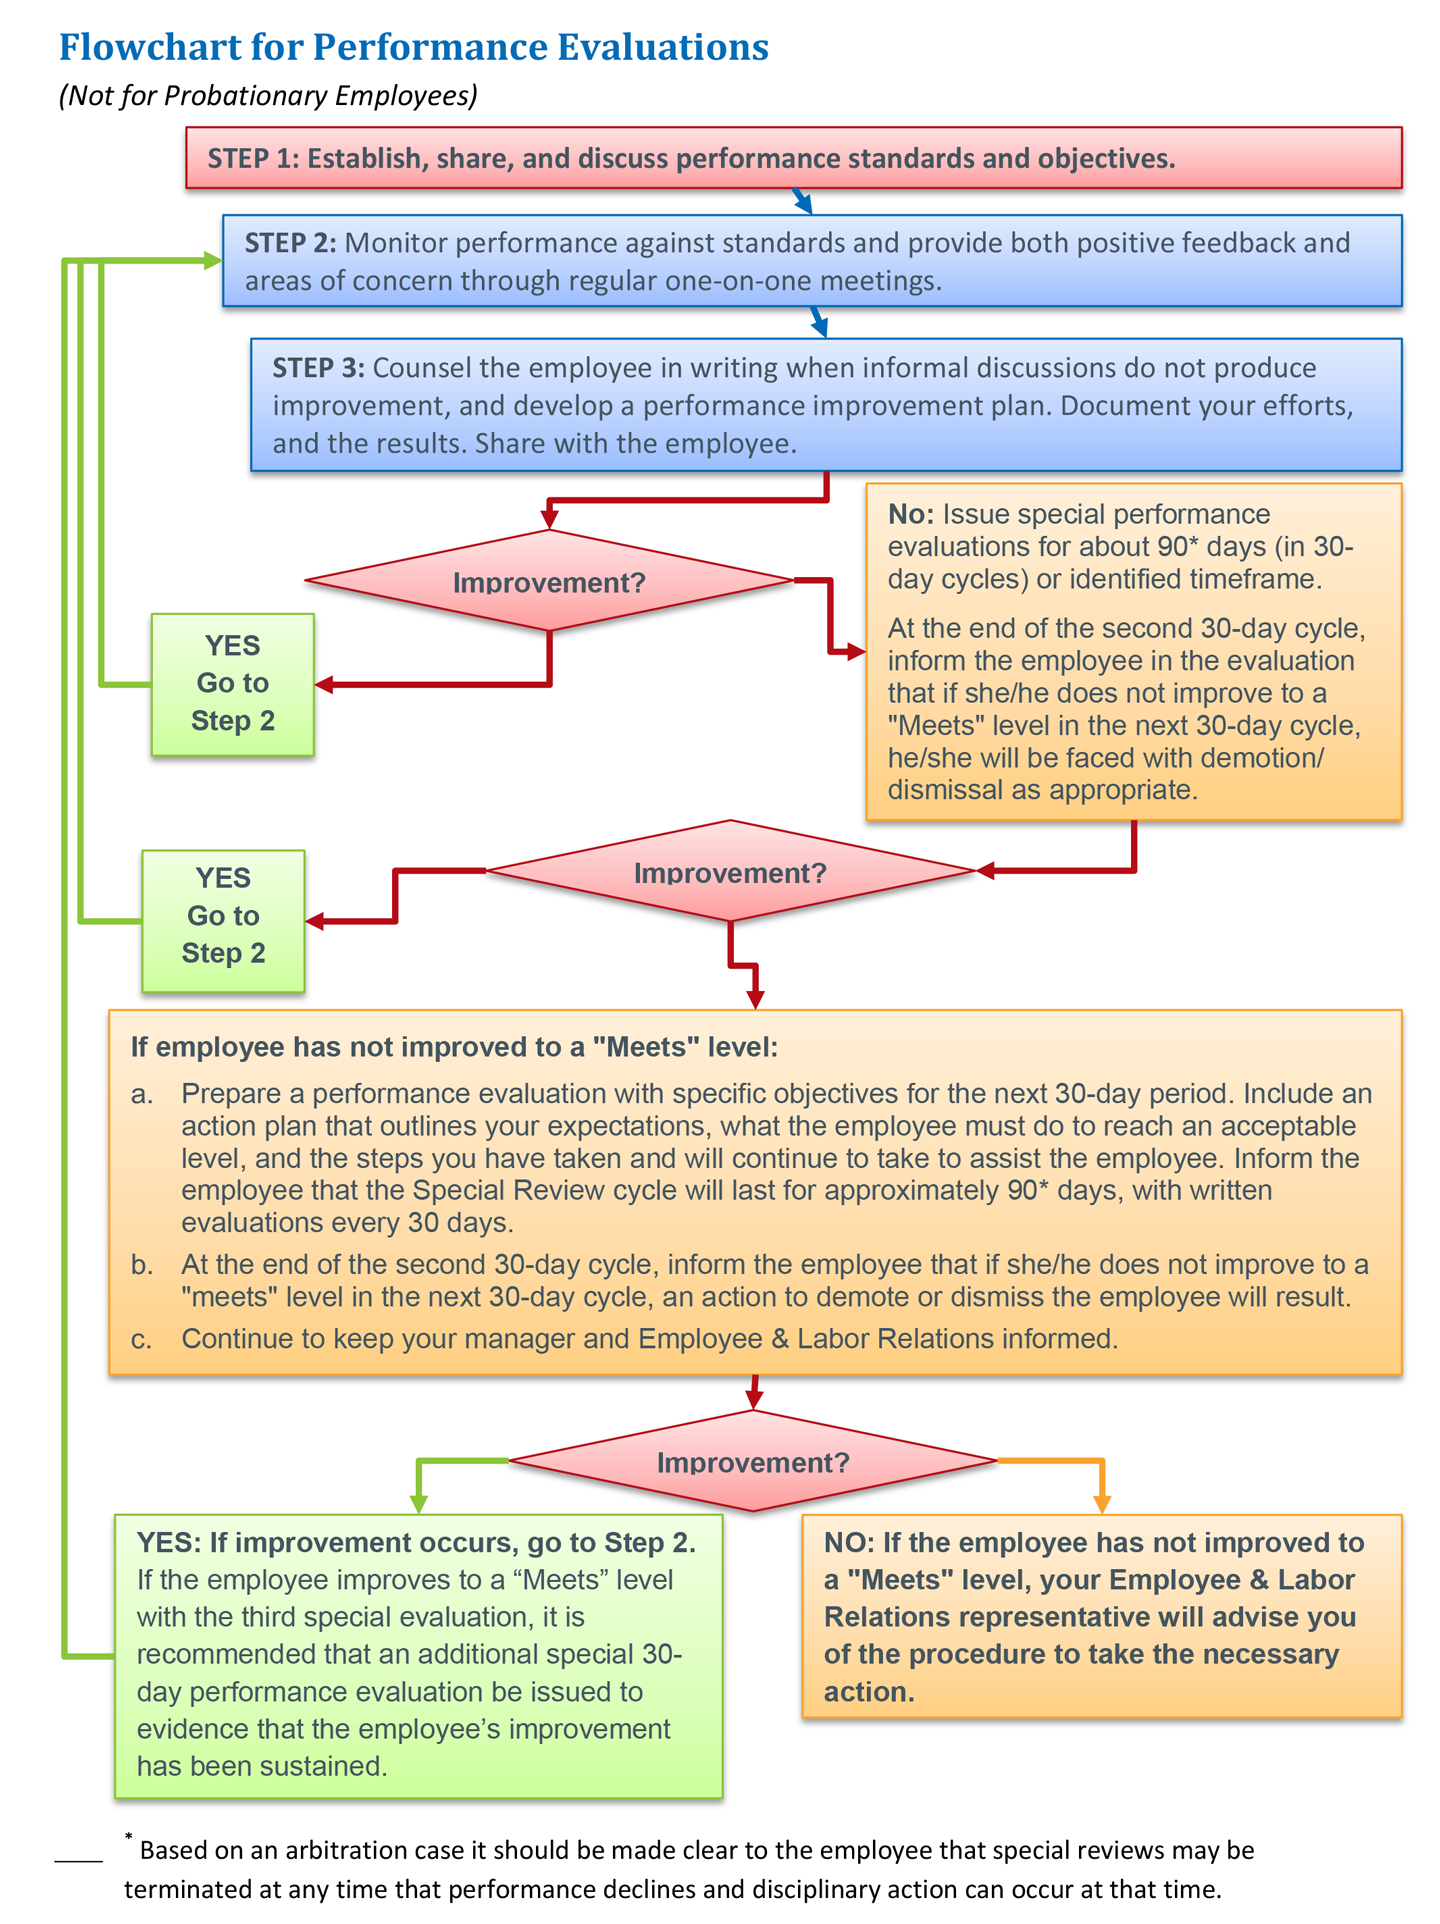 ER-Handbook-2014-63